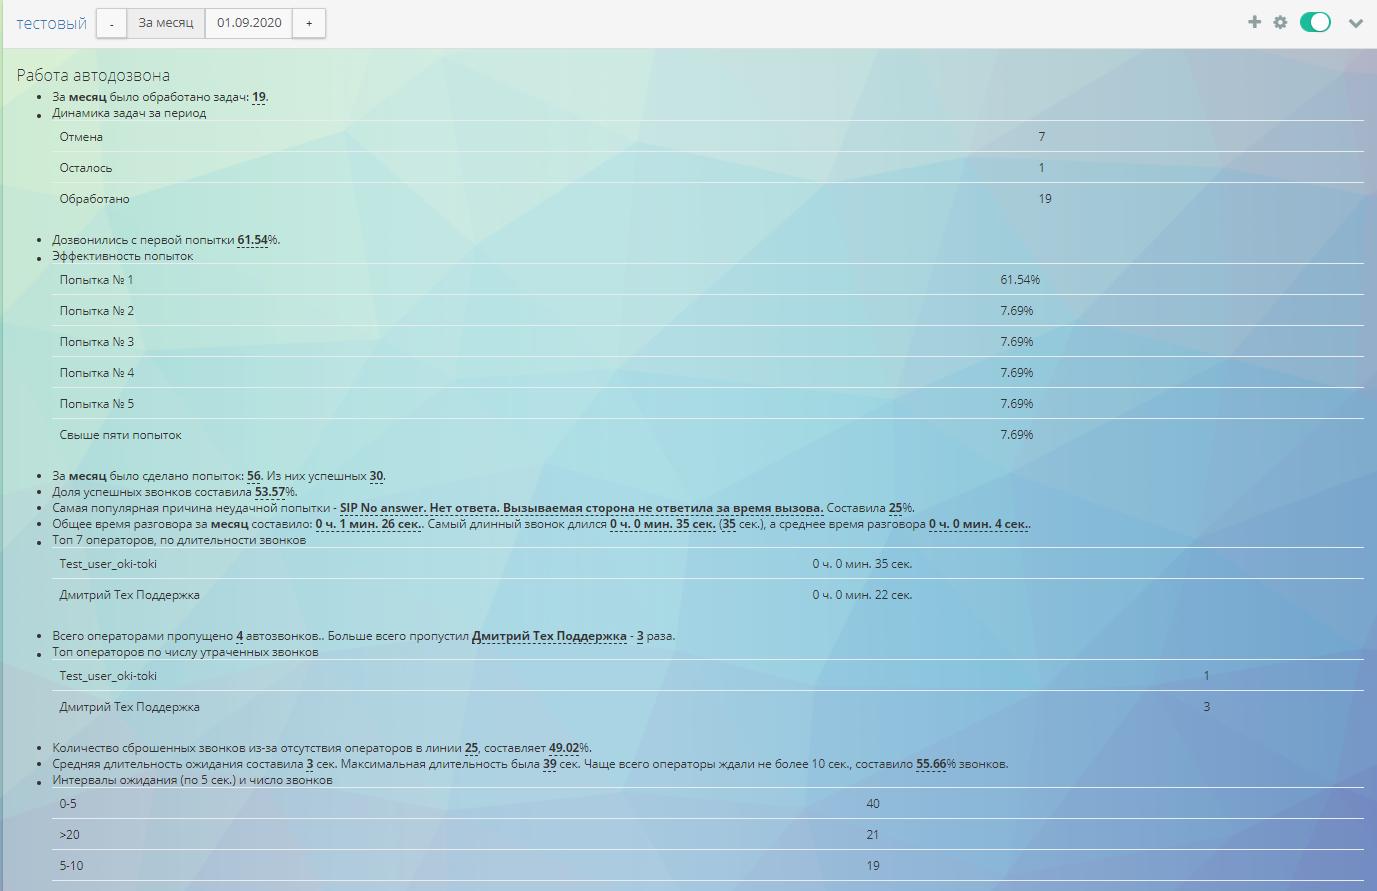 Отчеты, рапорты и шаблоны в Оки-Токи